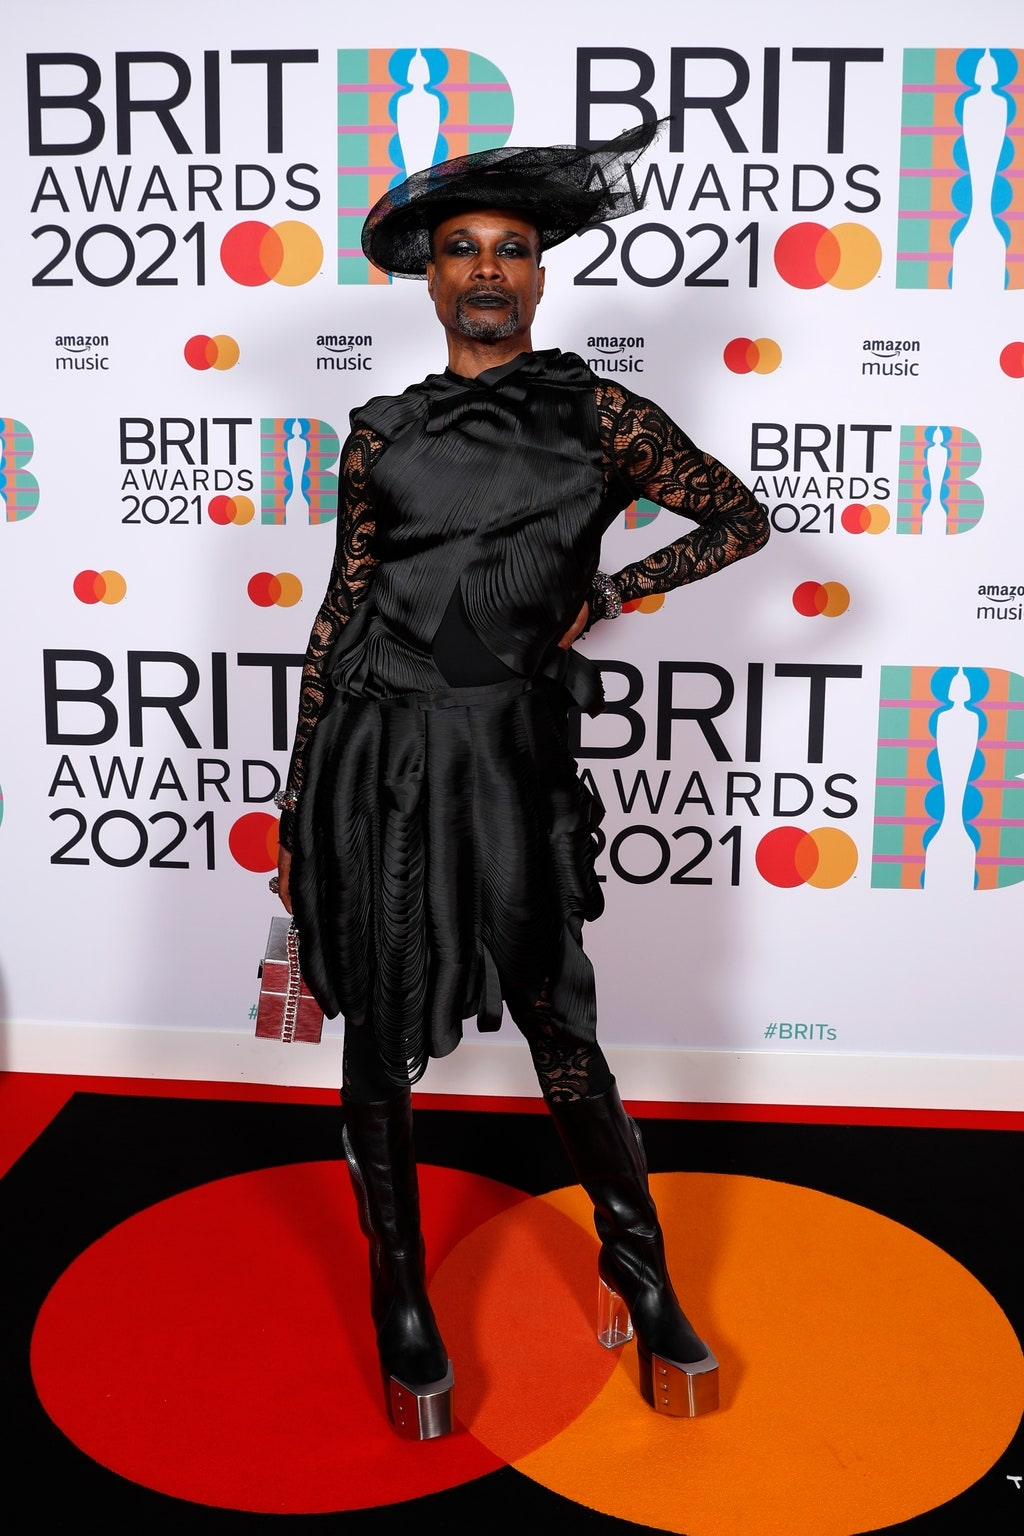 Самые яркие образы звезд на красной дорожке BRIT Awards 2021 (ФОТО) - фото №3